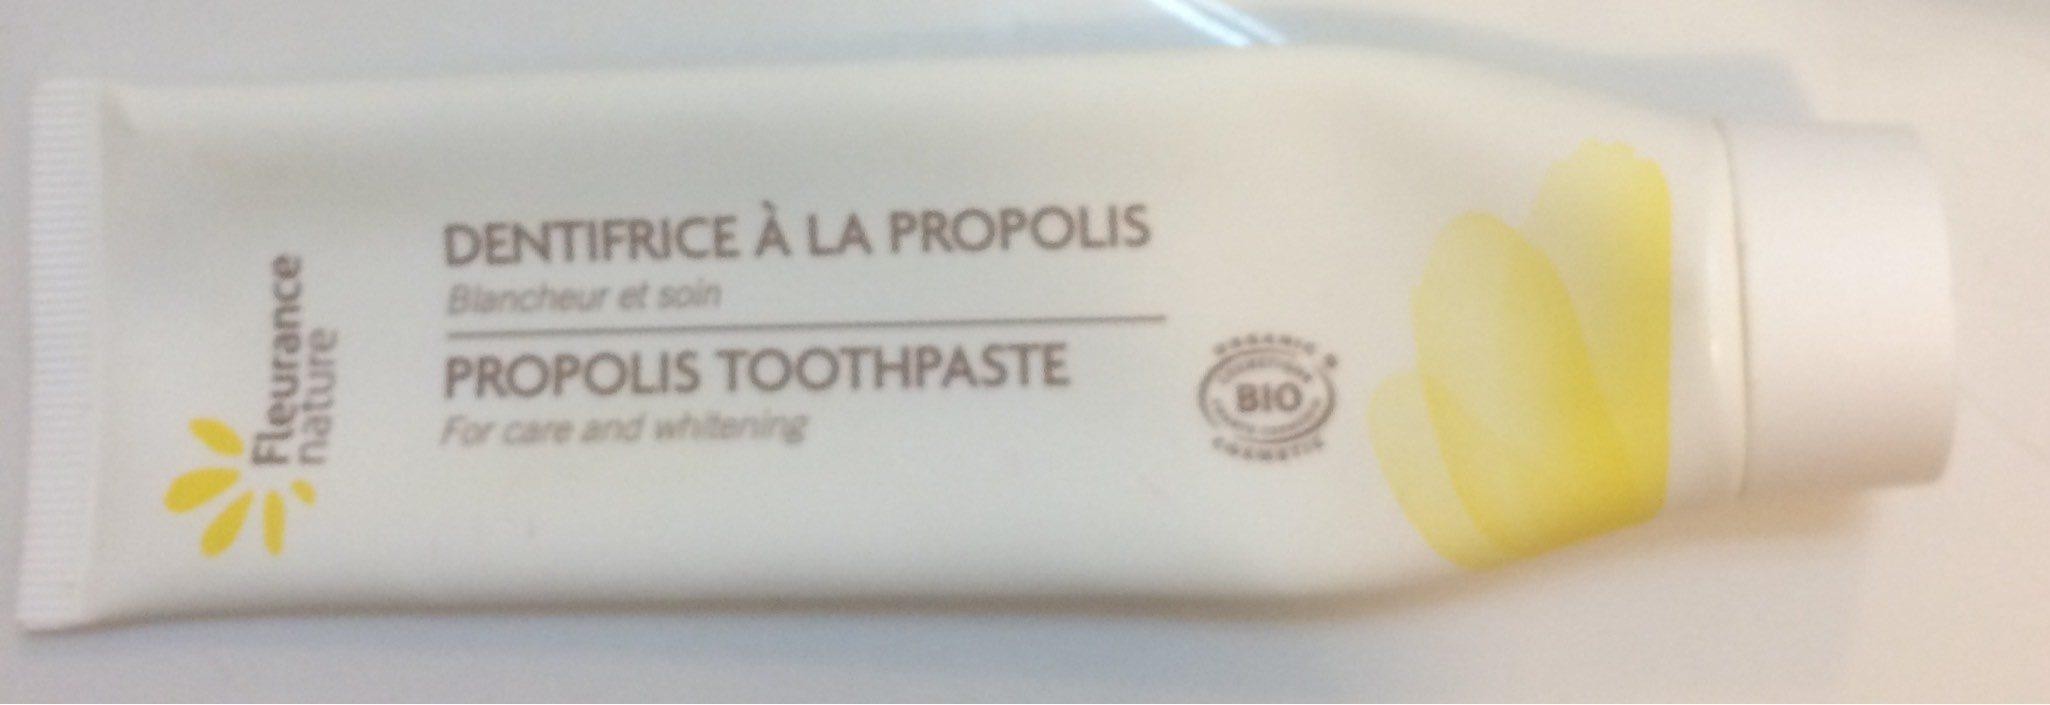 Dentifrice à la propolis - Product - fr